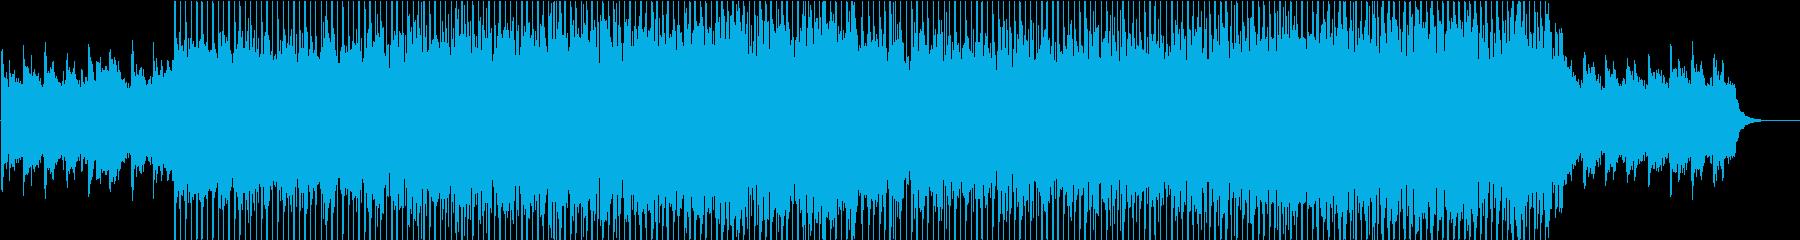 アップテンポな入場退場曲/エンディング等の再生済みの波形